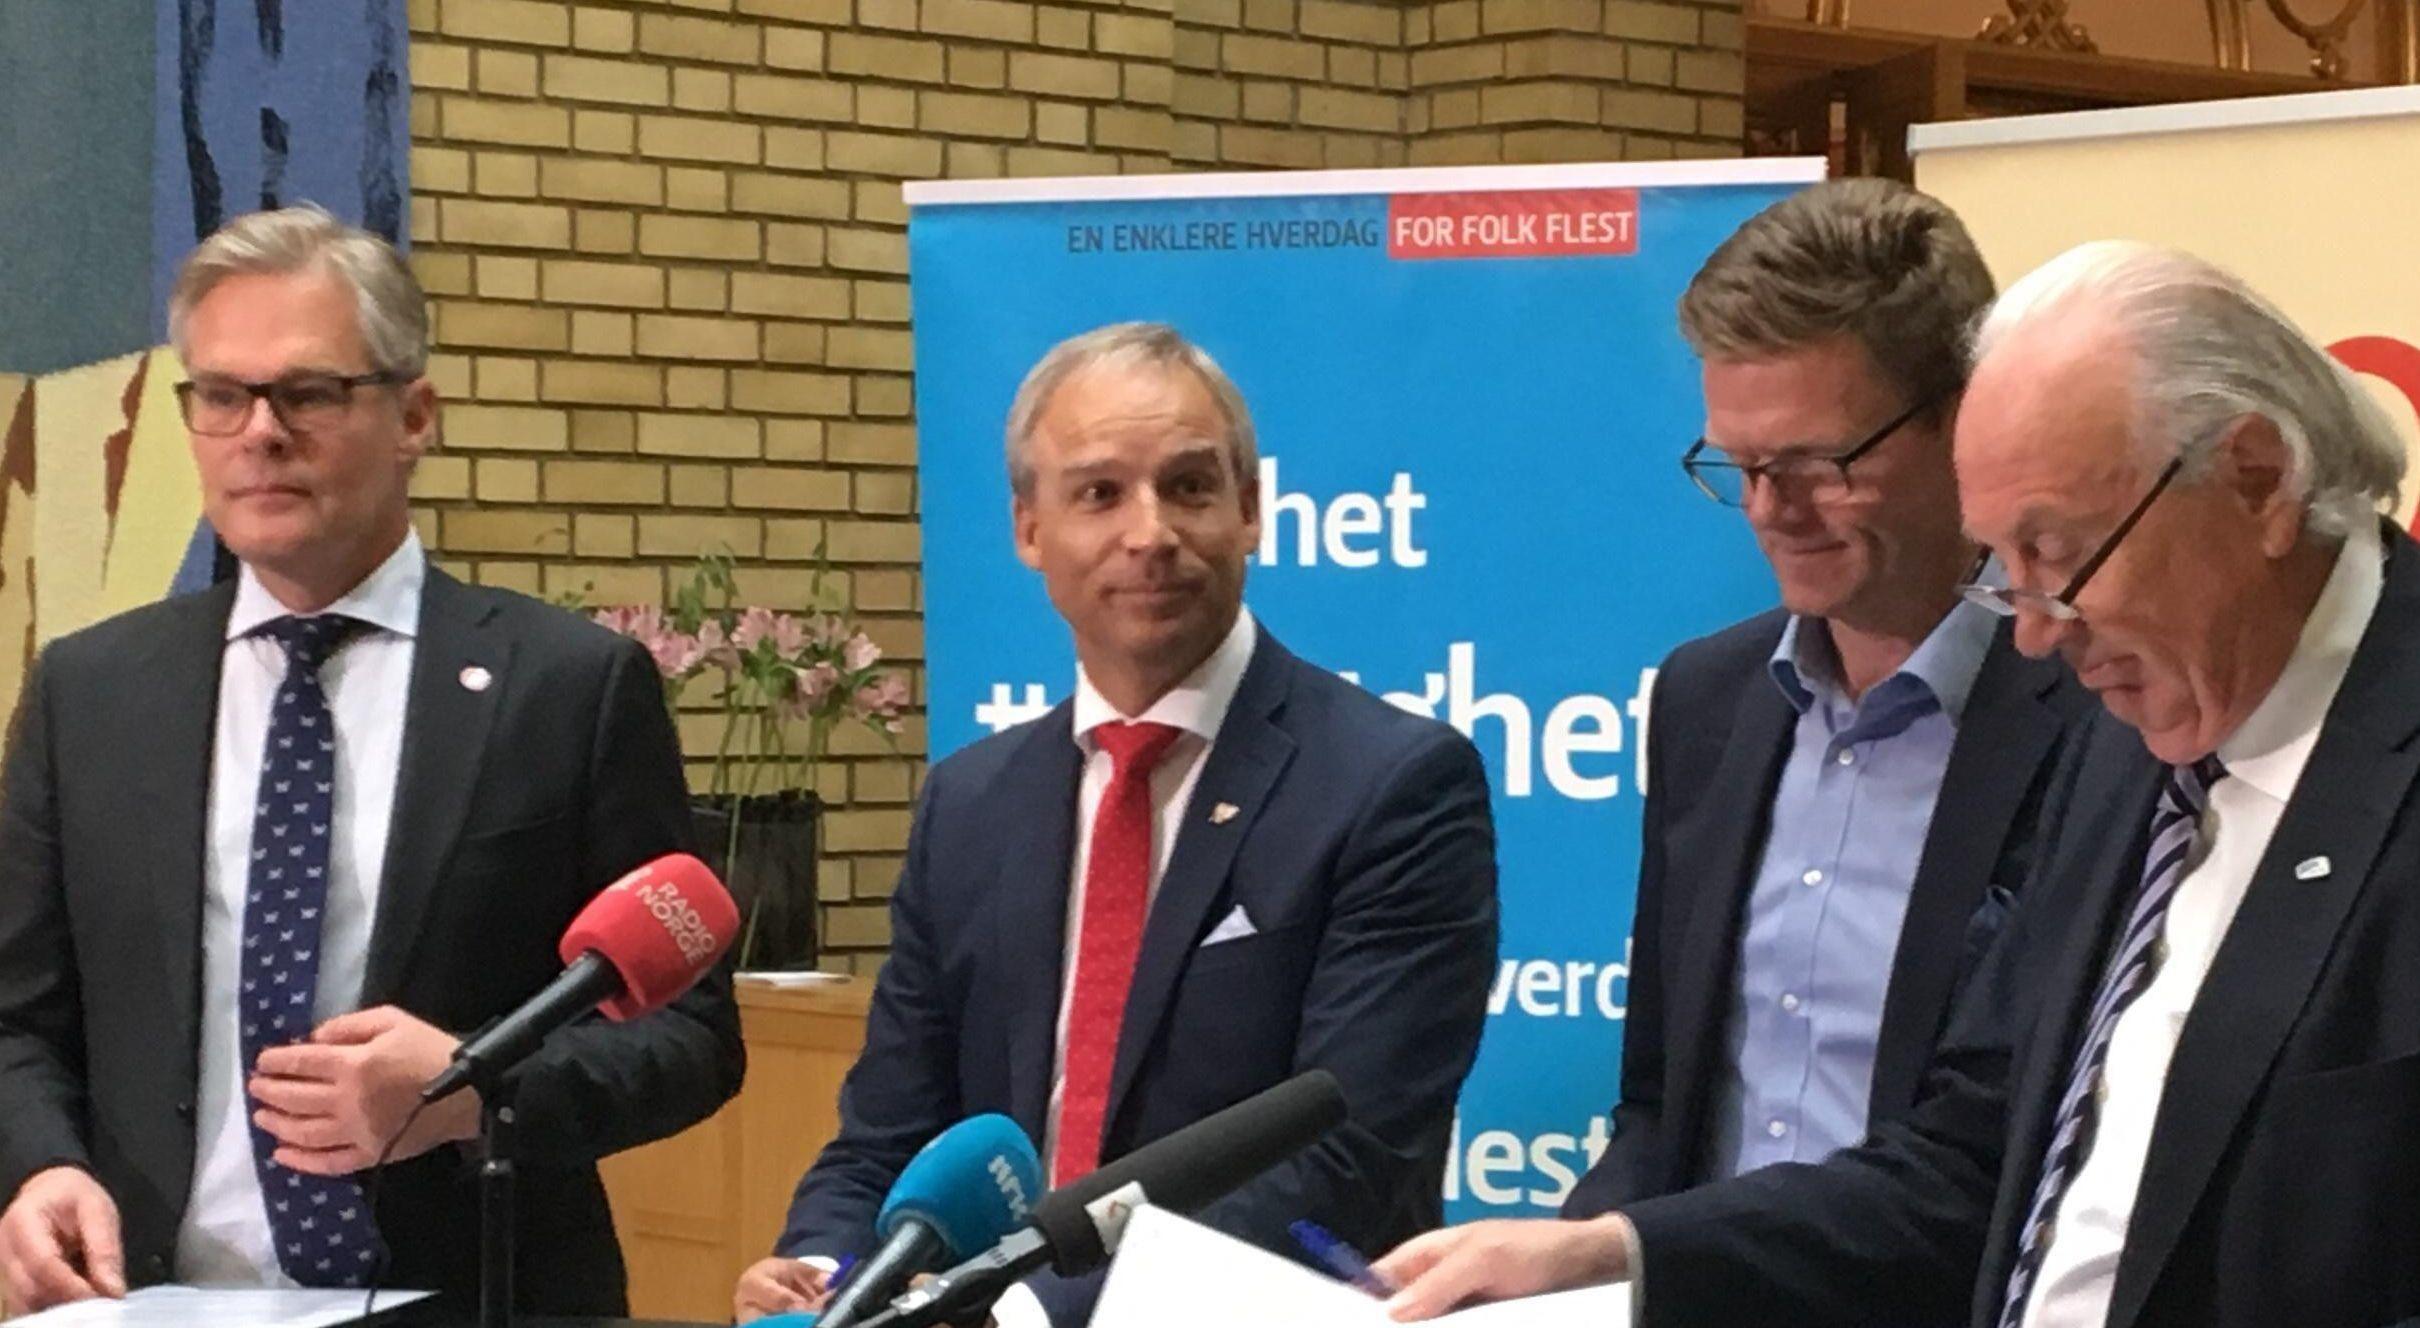 De fire samarbeidspartiene presenterte løsningen i budsjettforhandlingene onsdag.